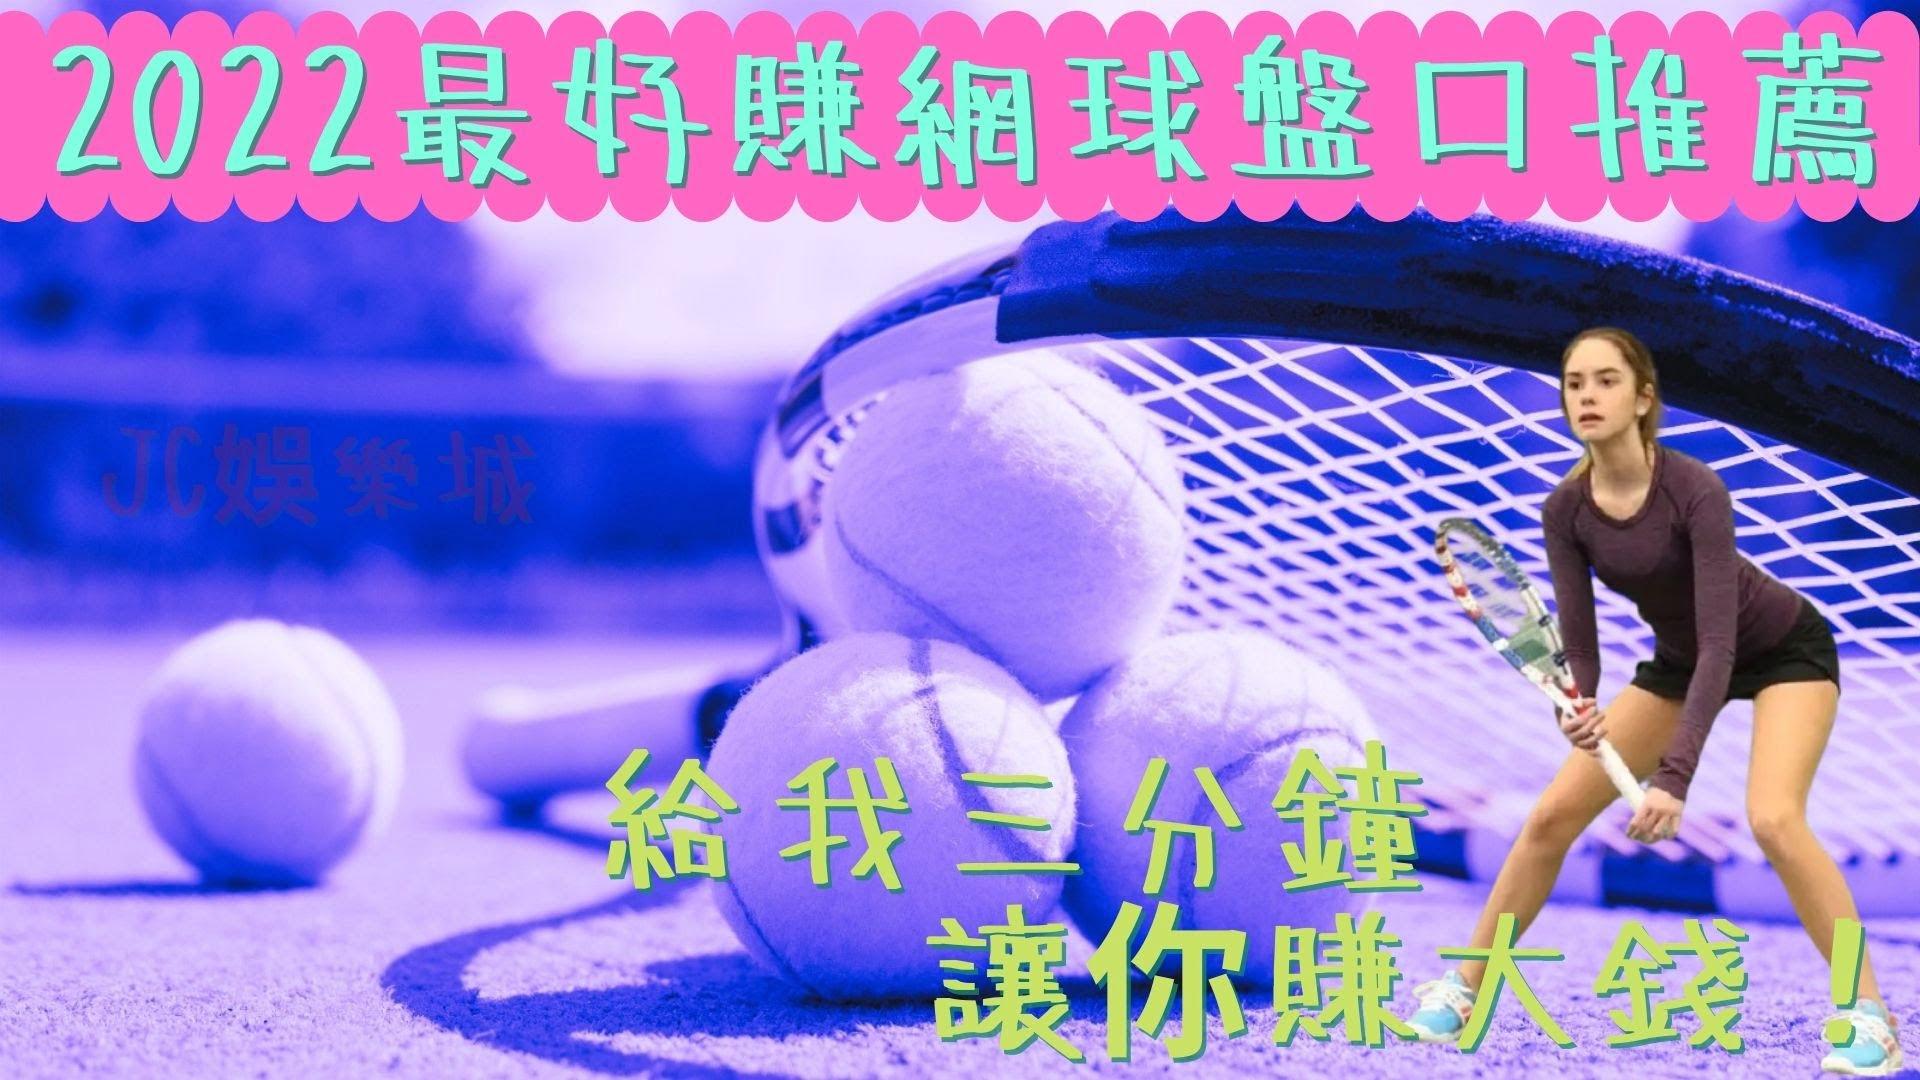 投注網球運彩一夜致富不是夢!給我三分鐘告訴你【2022最好賺網球盤口推薦】!